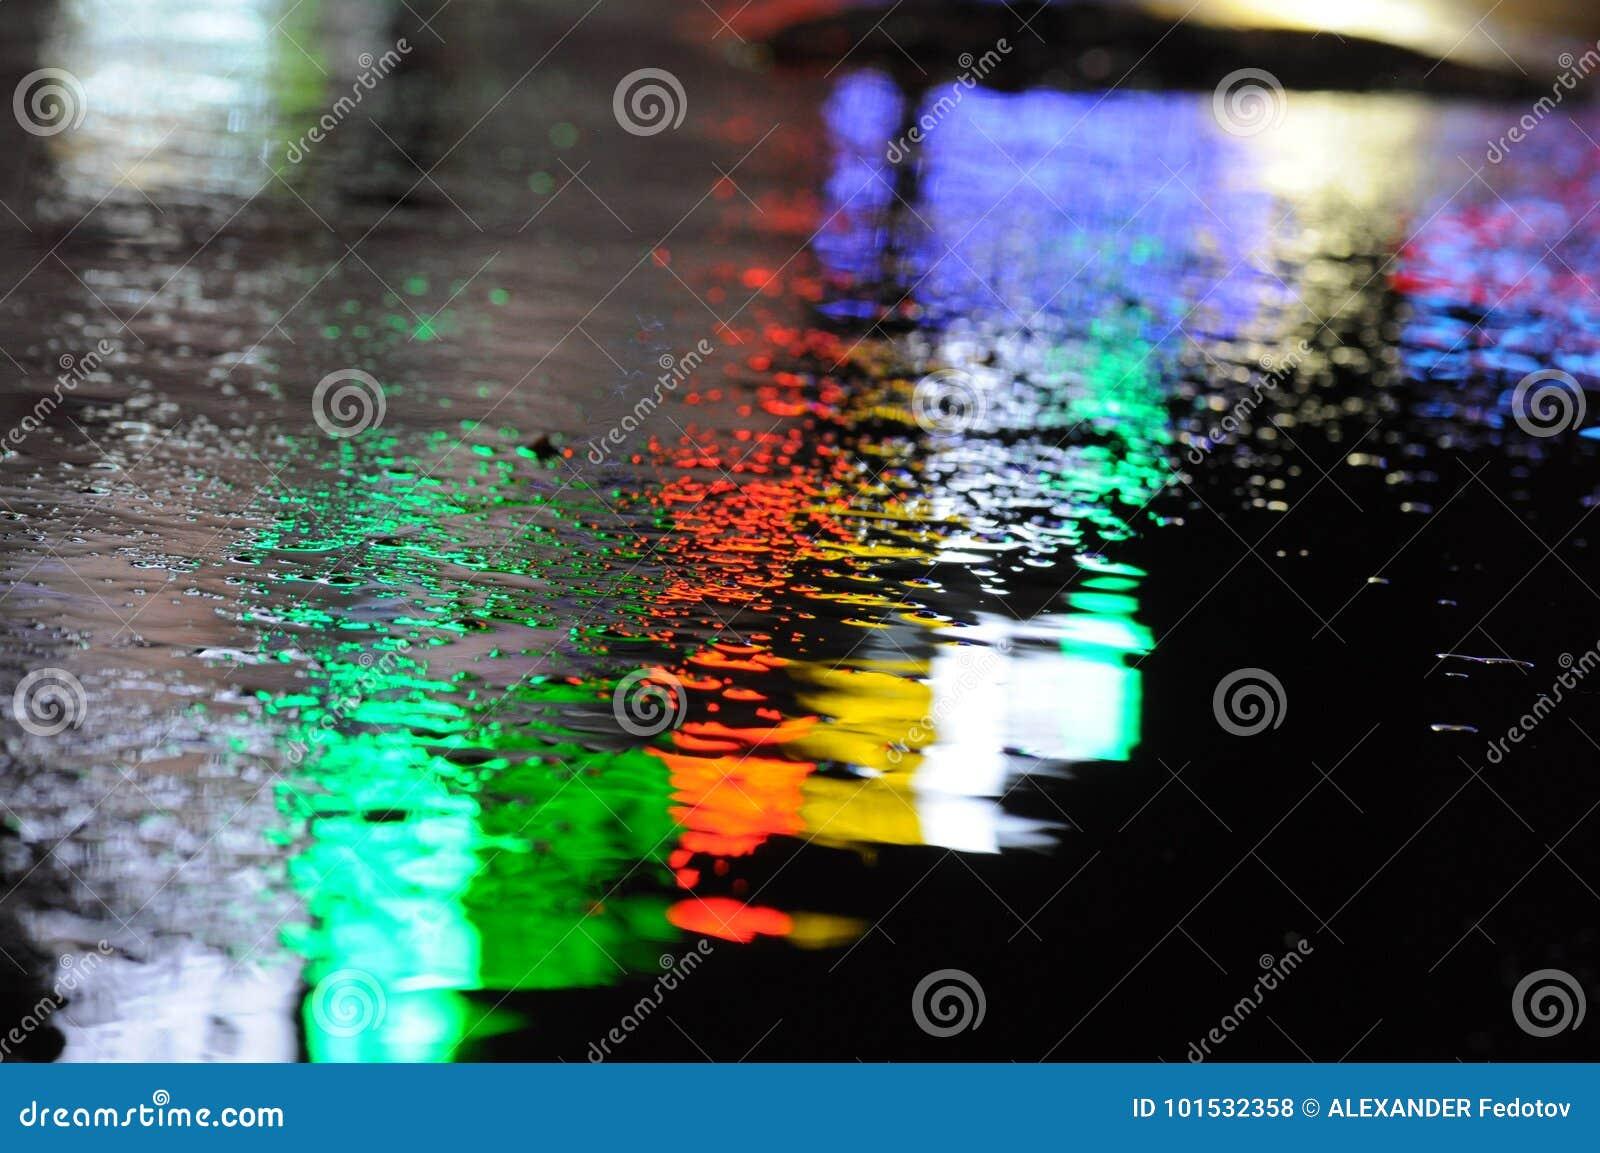 the color palette